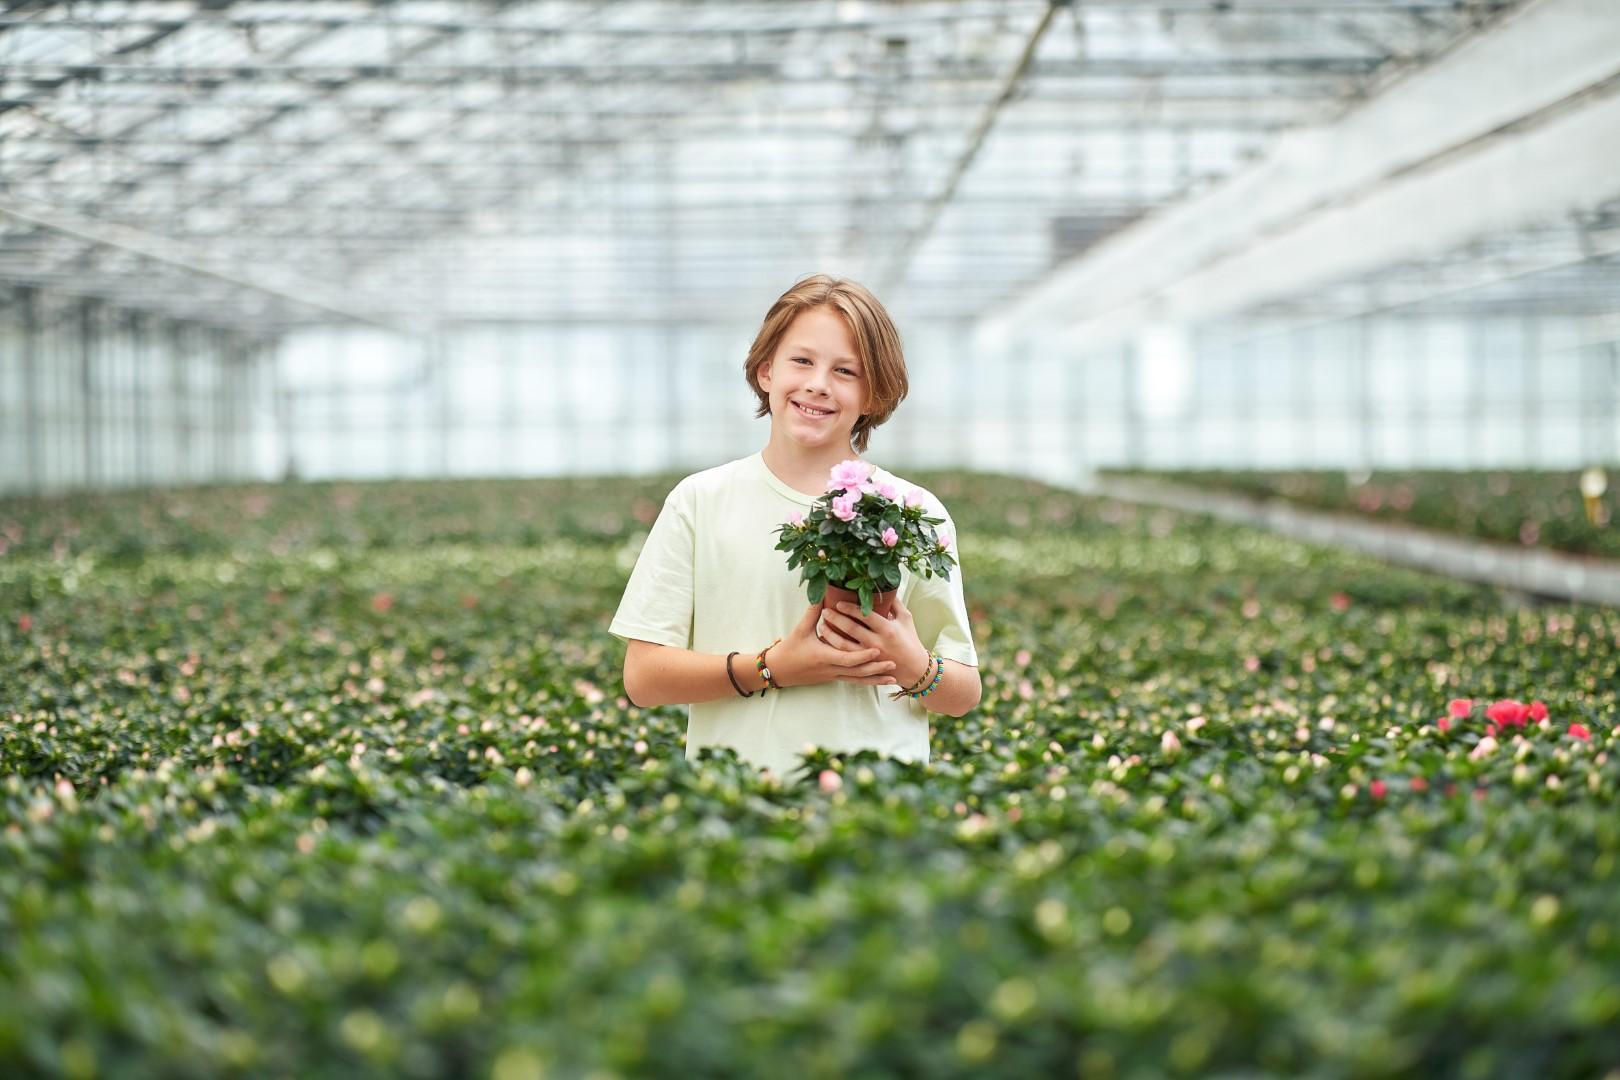 Vrijwilliger Plantjesweekend Kom op tegen Kanker